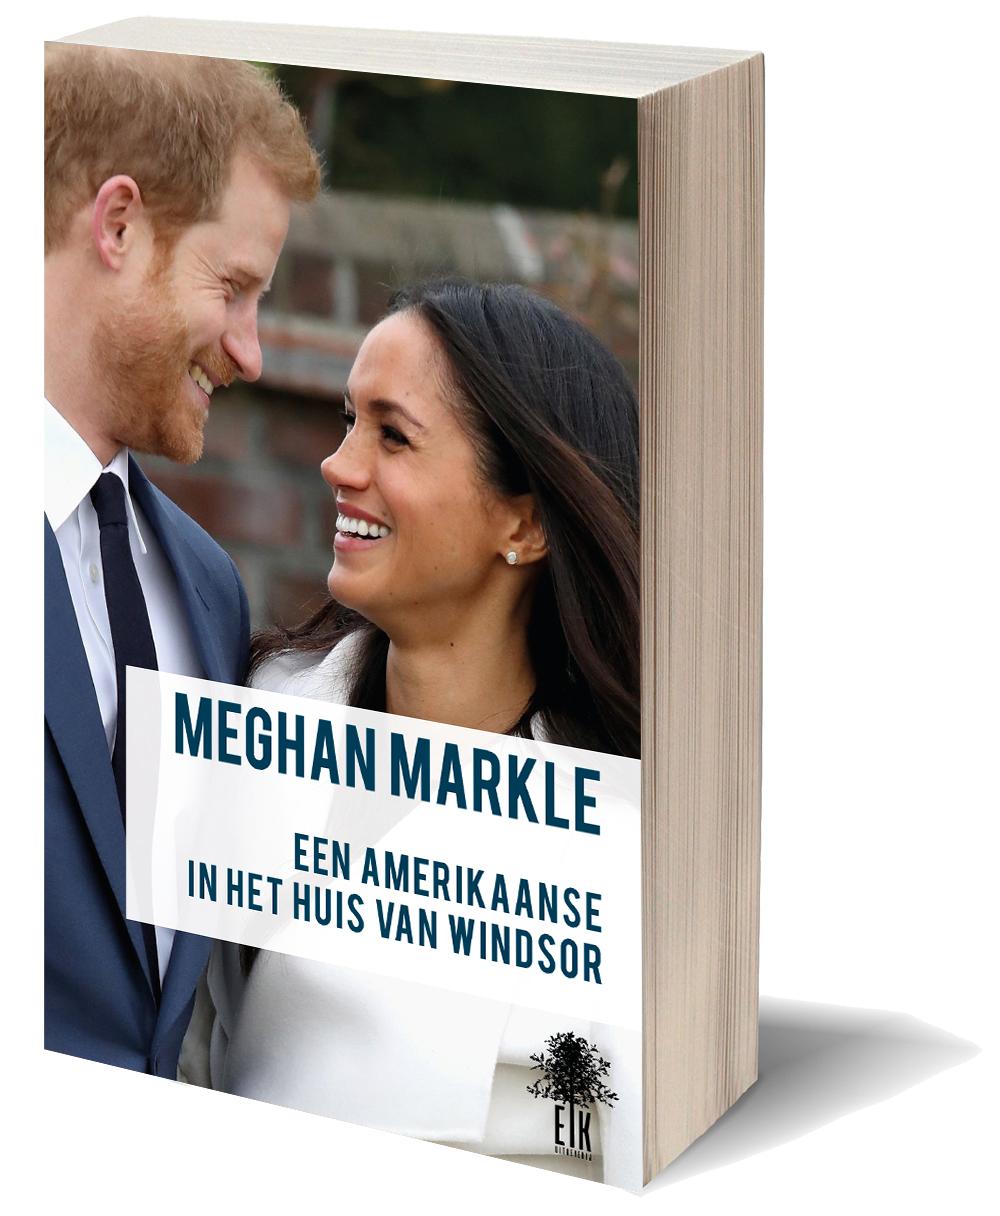 Meghan Markle : een Amerikaanse in het huis van Windsor